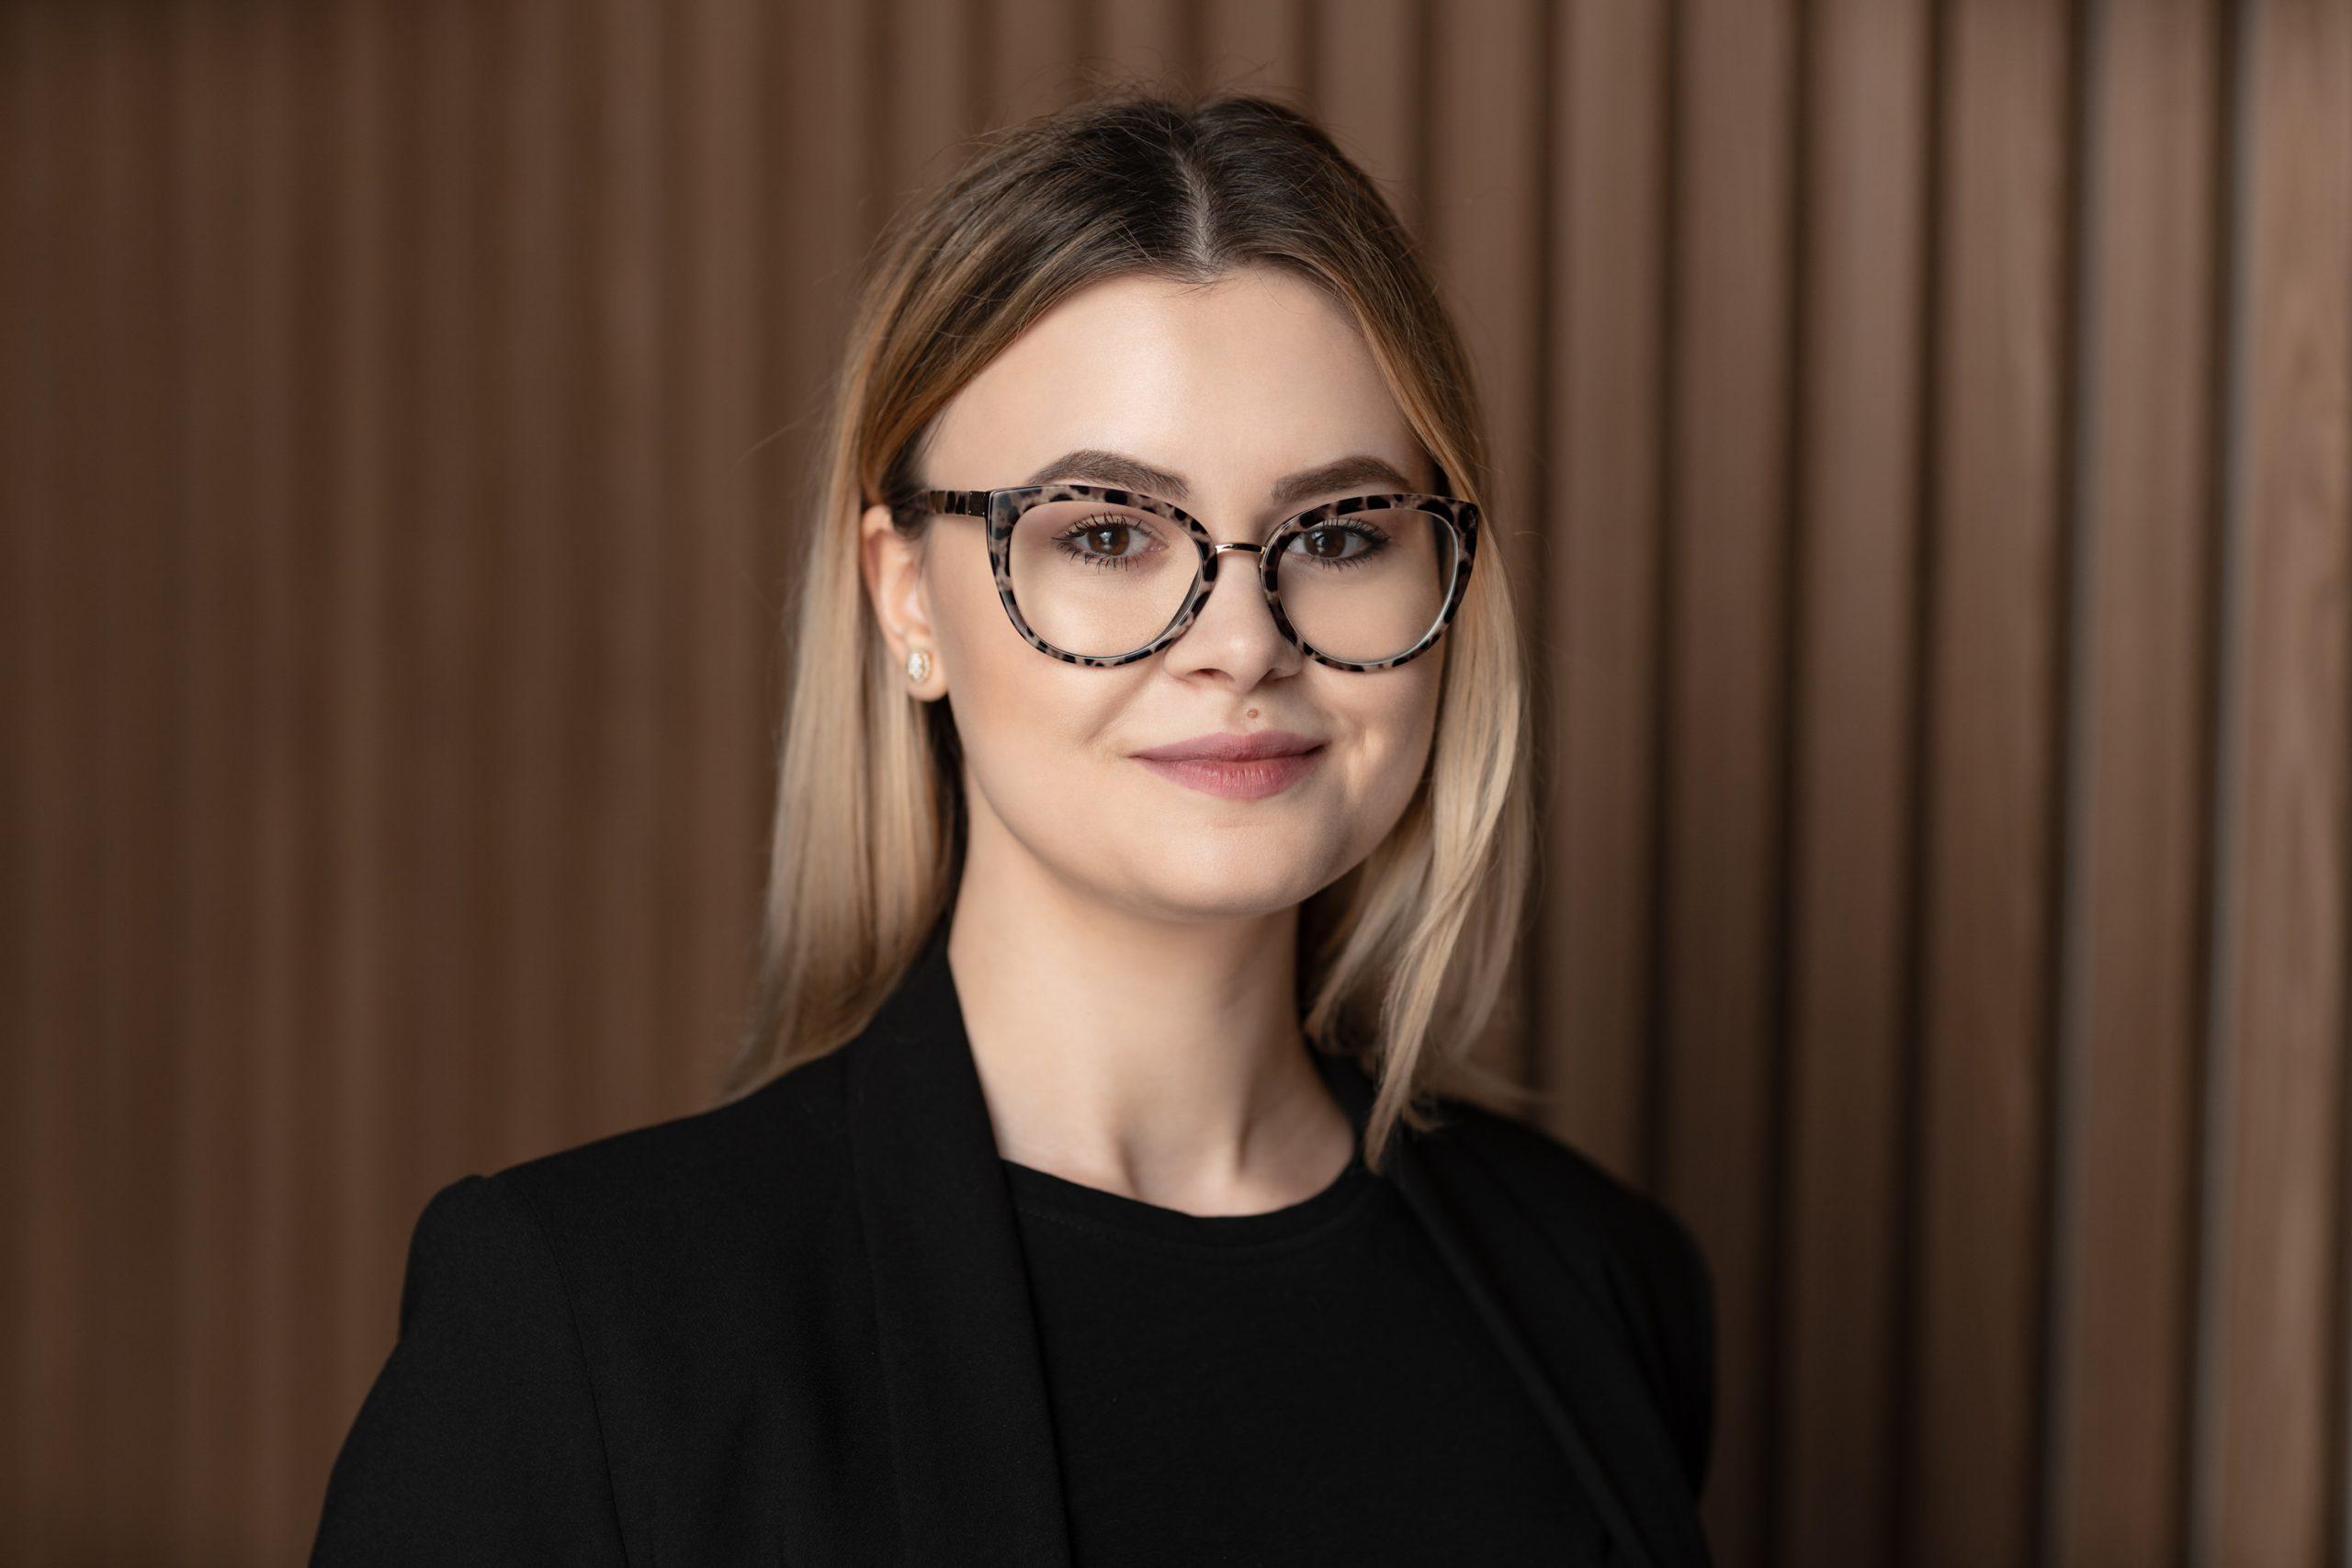 Bianca Chera